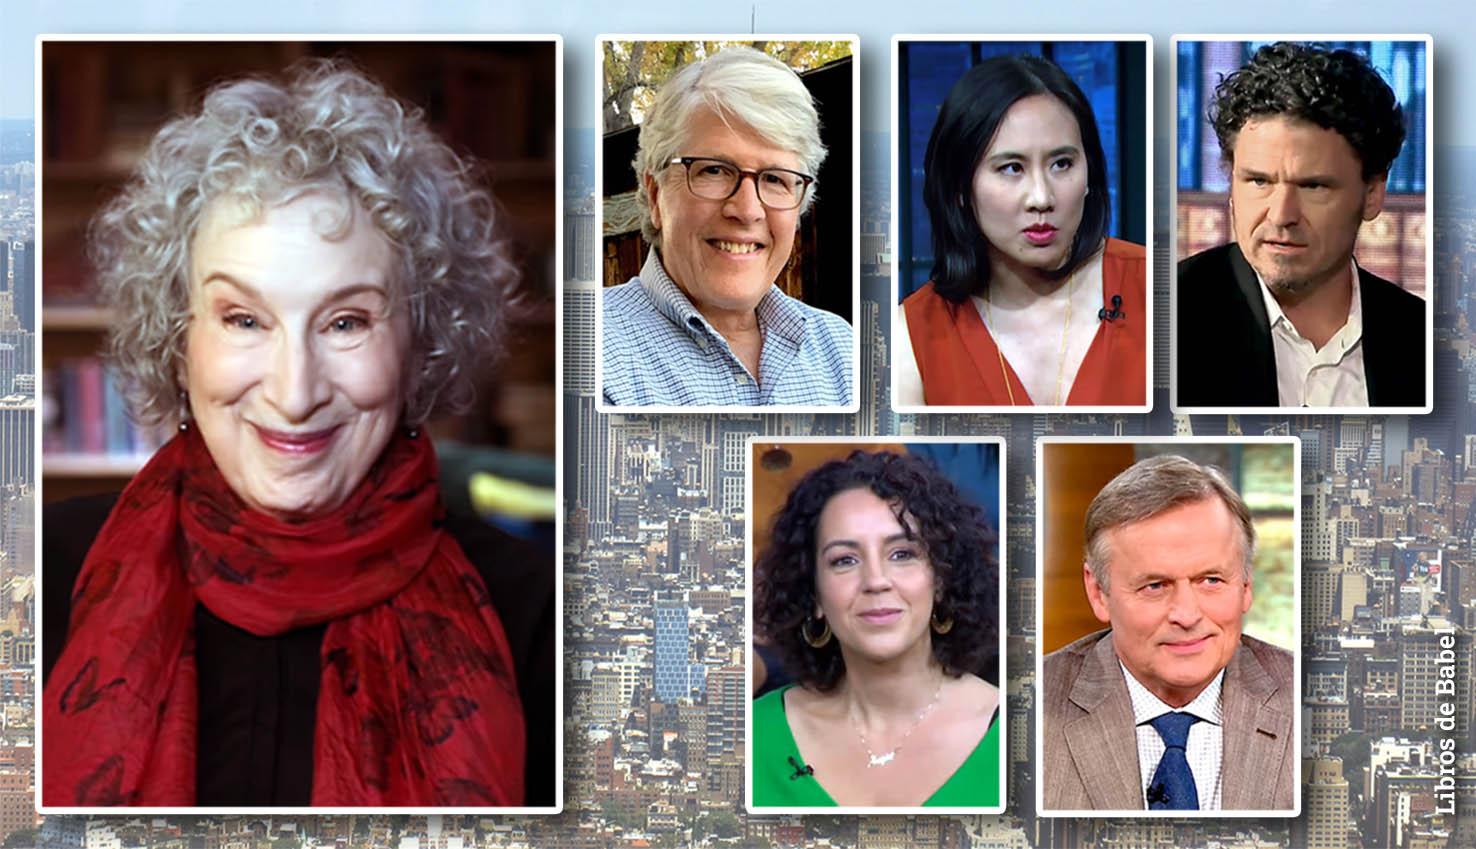 Margaret Atwood editará la primera gran antología sobre la pandemia, con historias de John Grisham, Dave Eggers y Celeste Ng, entre otros